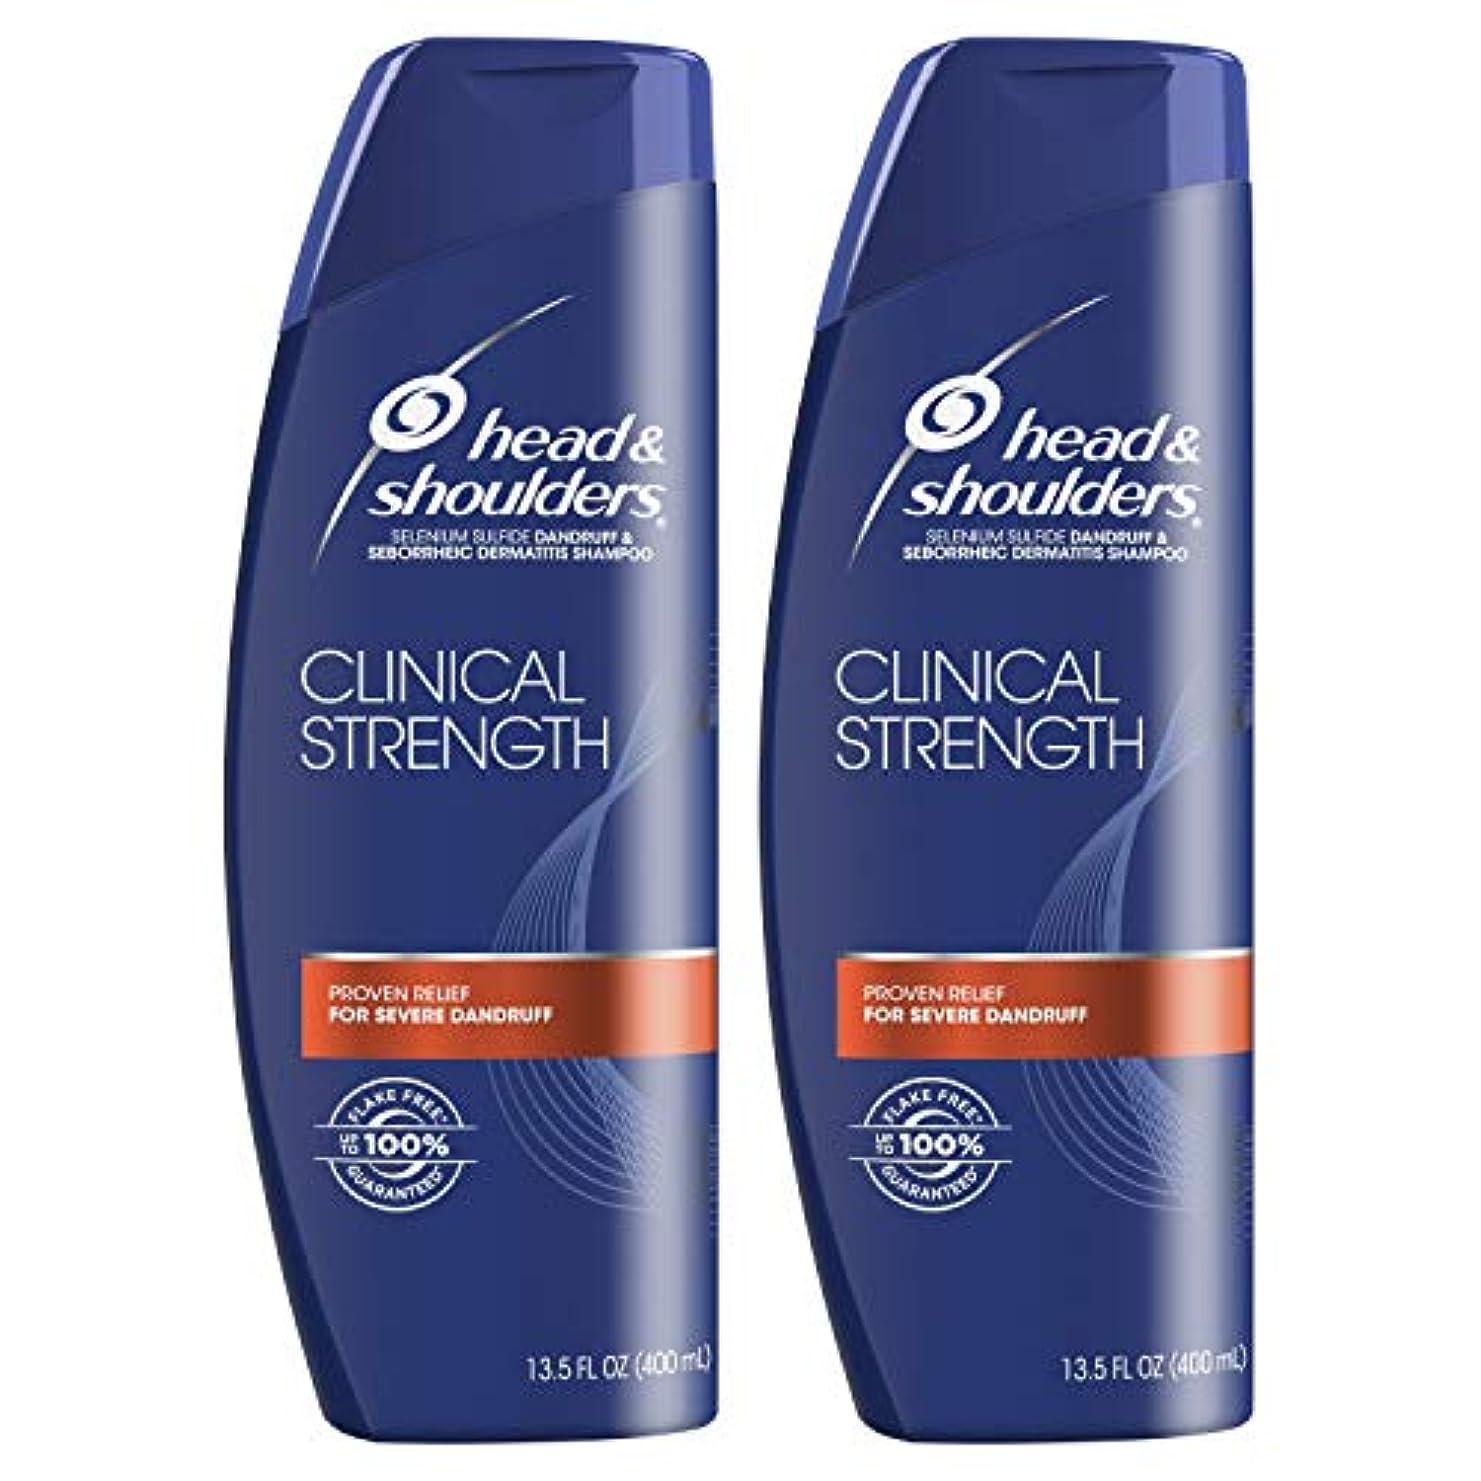 花火破裂有毒なHead and Shoulders Clinical Strength Dandruff and Seborrheic Dermatitisシャンプー、13.5 FL OZ